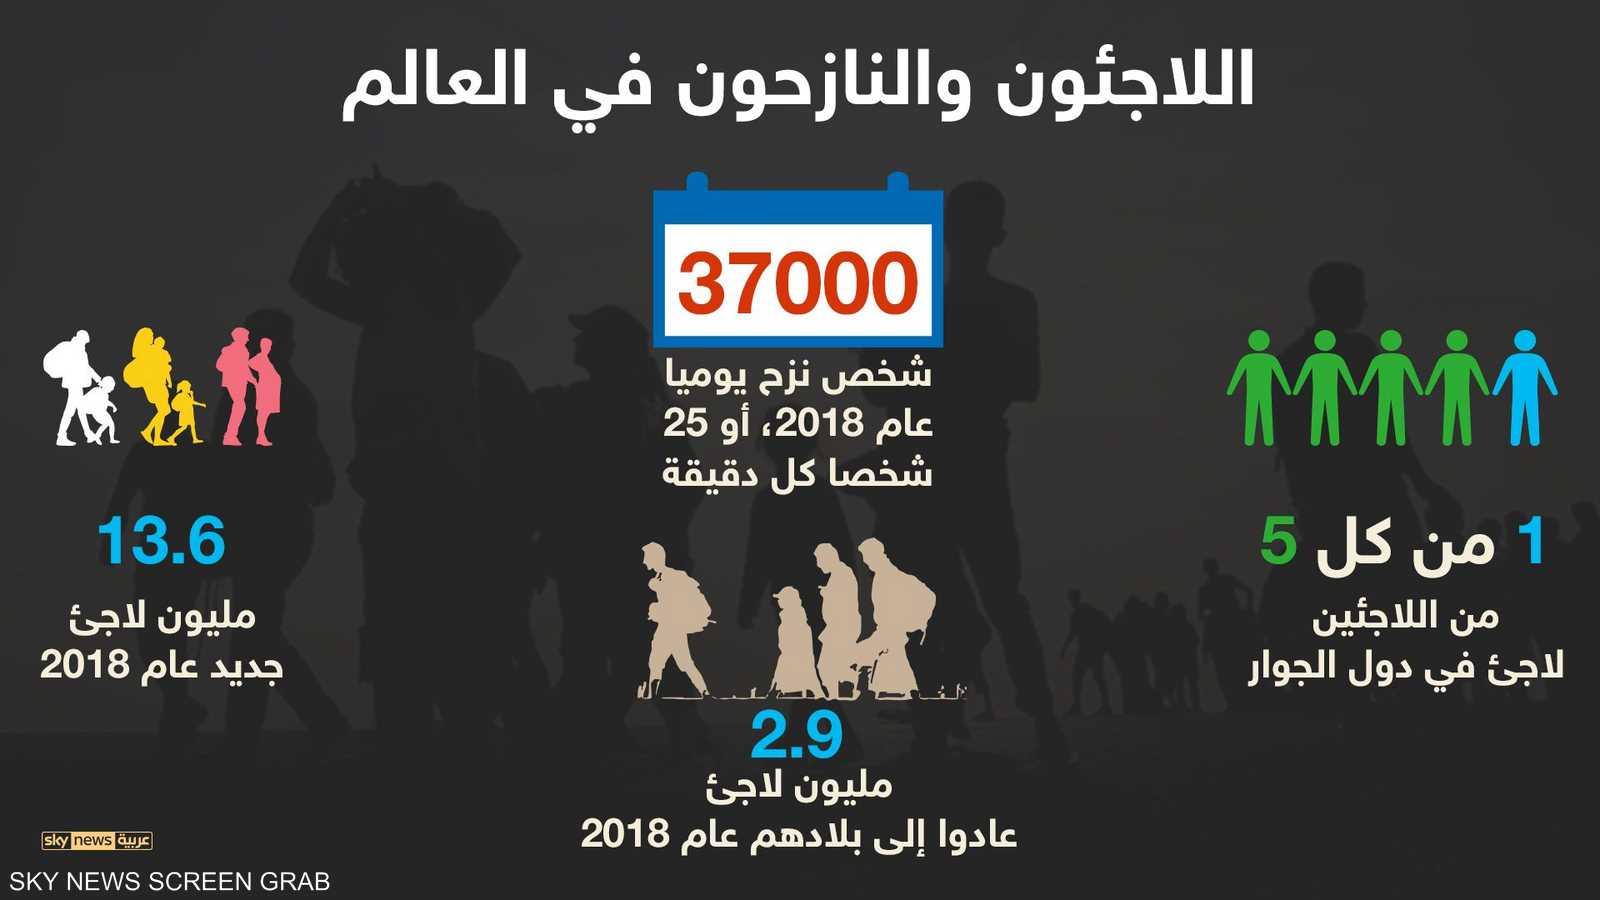 25 شخصا فروا من بلادهم كل دقيقة في 2018 1-1260731